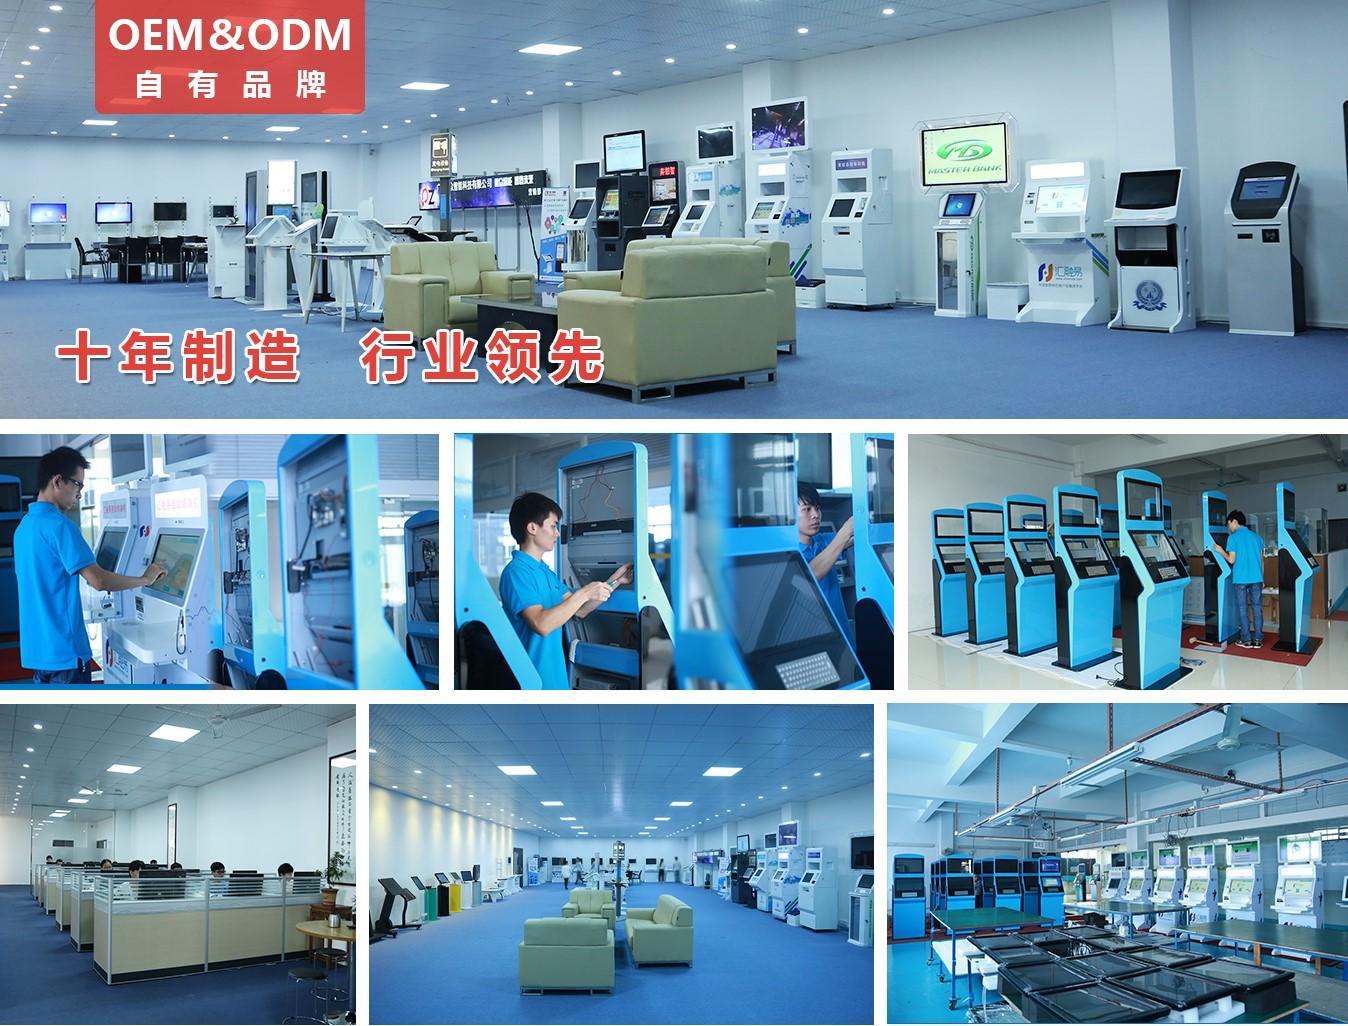 21.5寸壁挂横竖屏广告机PZ-21.5BE3--广州磐众智能科技有限公司